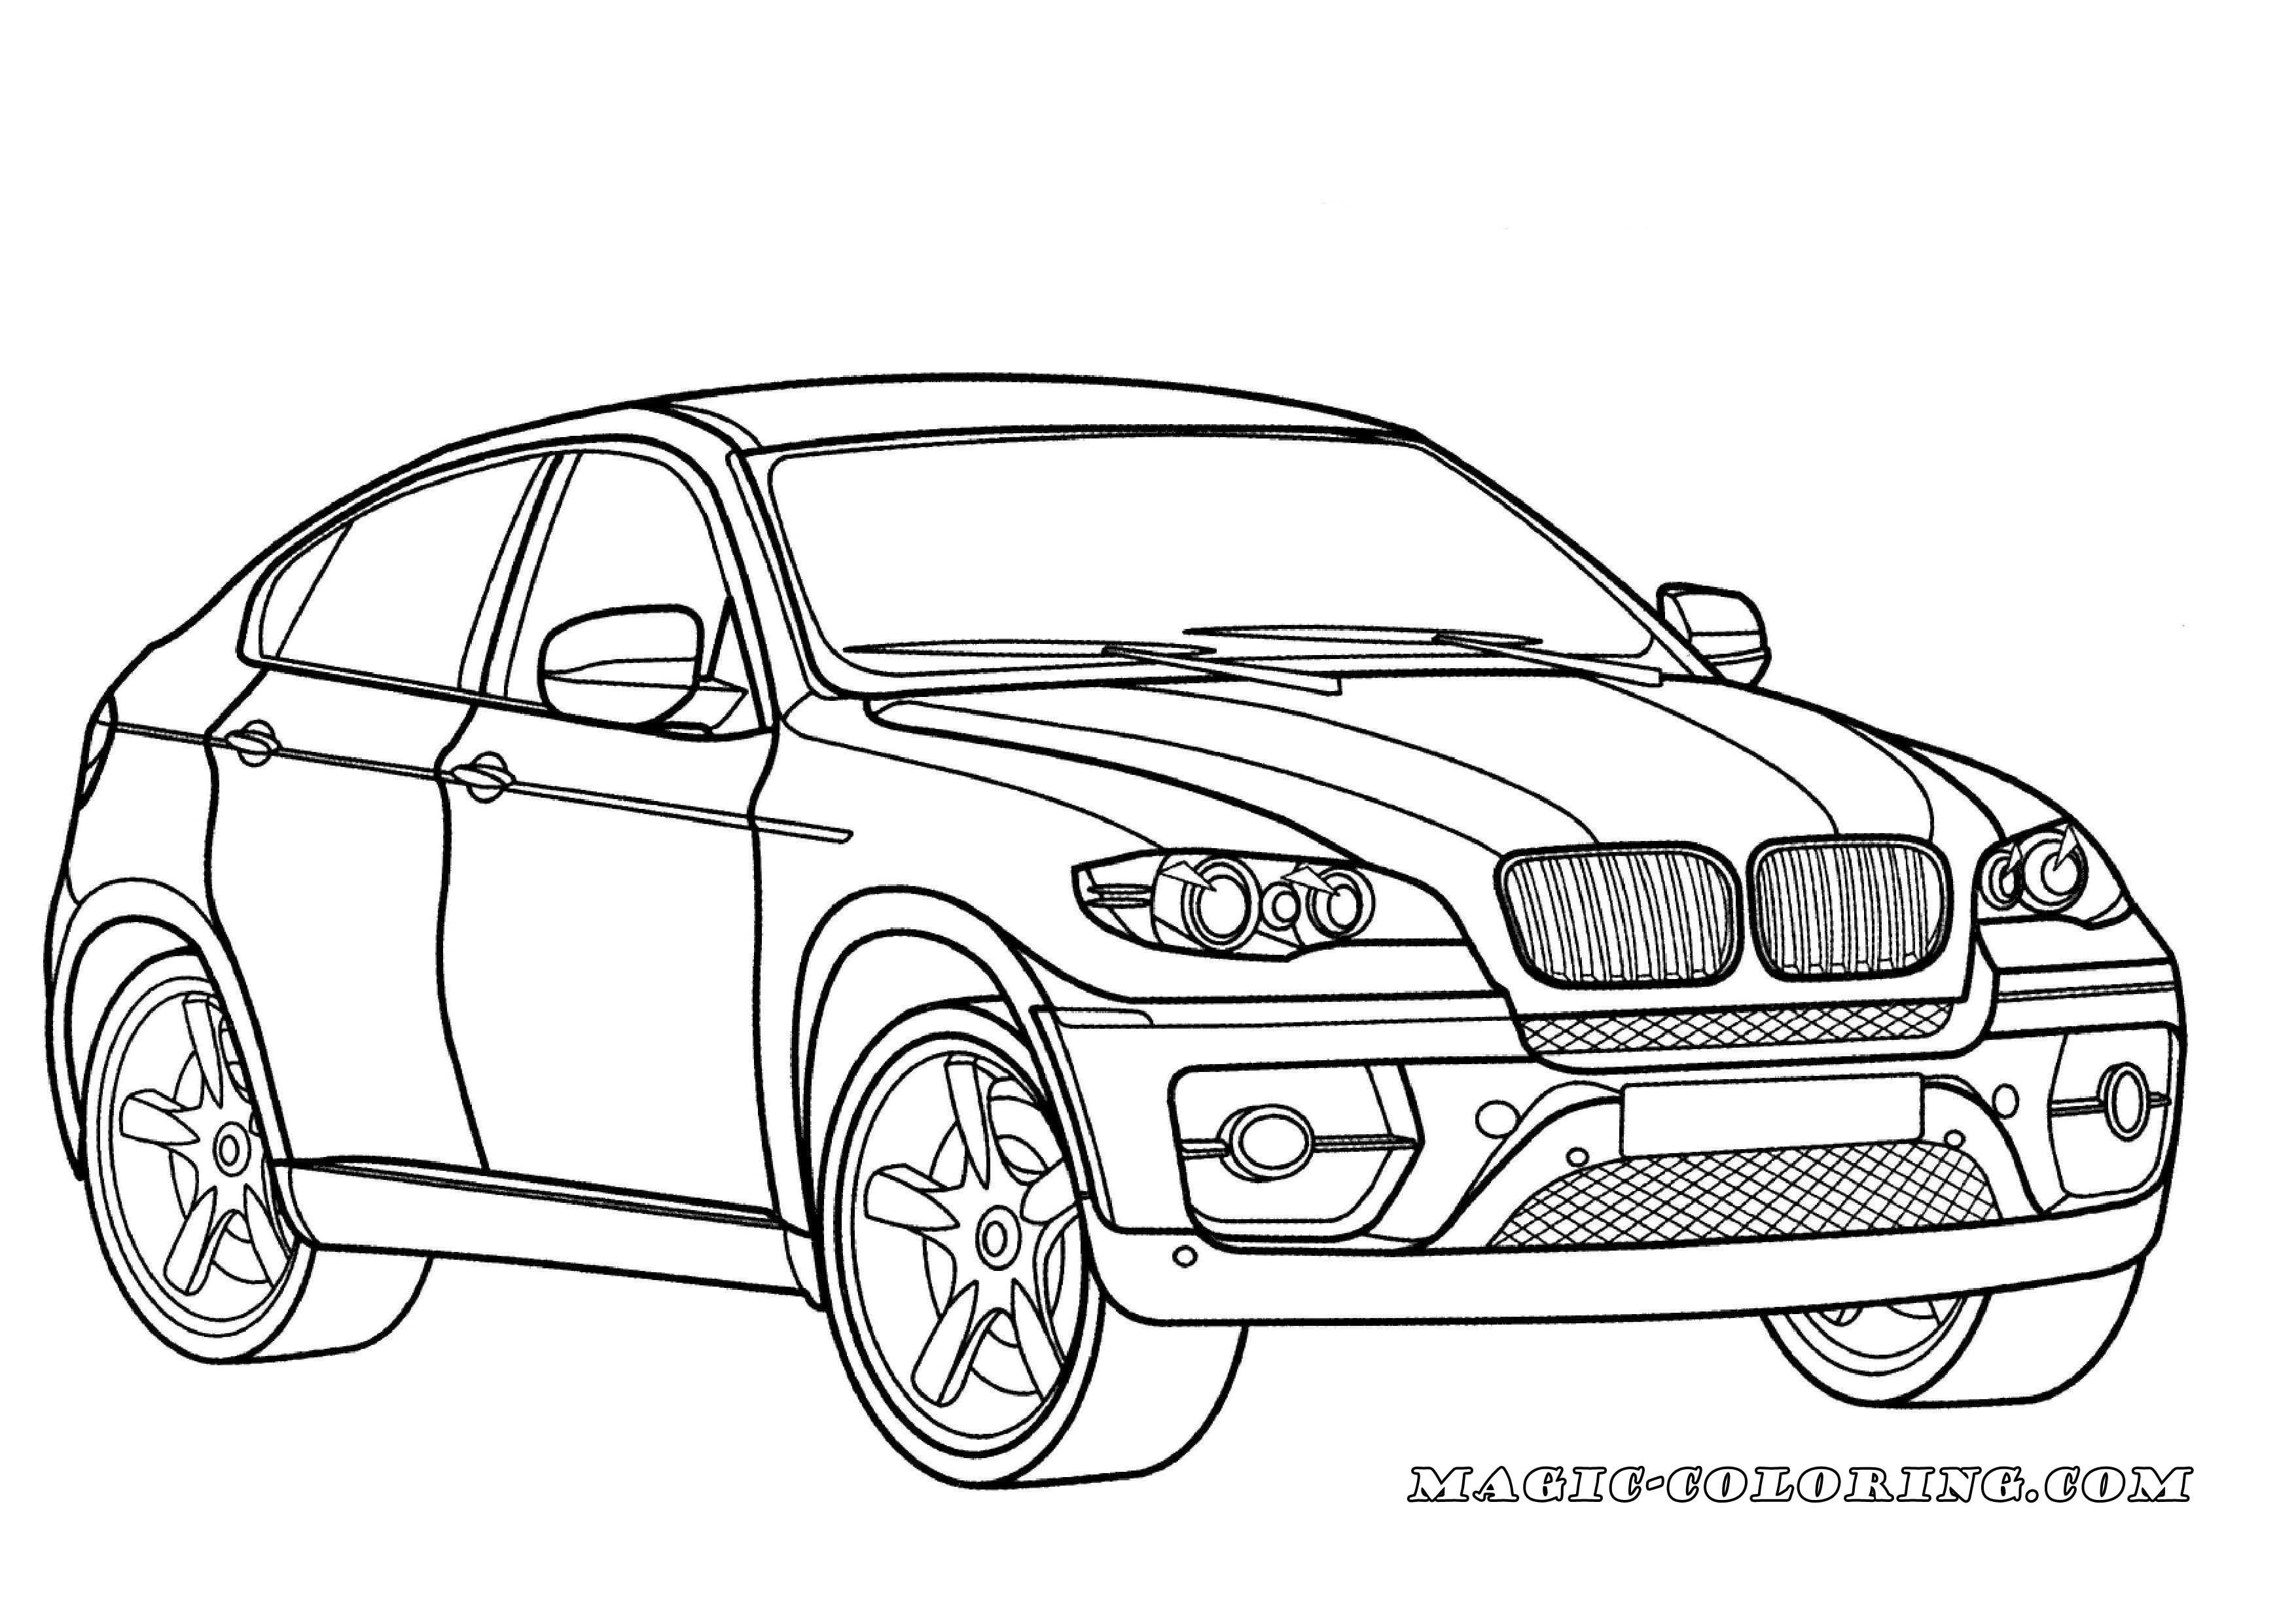 Bmw X6 Coloring Page Desenhos Animados Para Colorir Atividades De Artes Visuais Carros